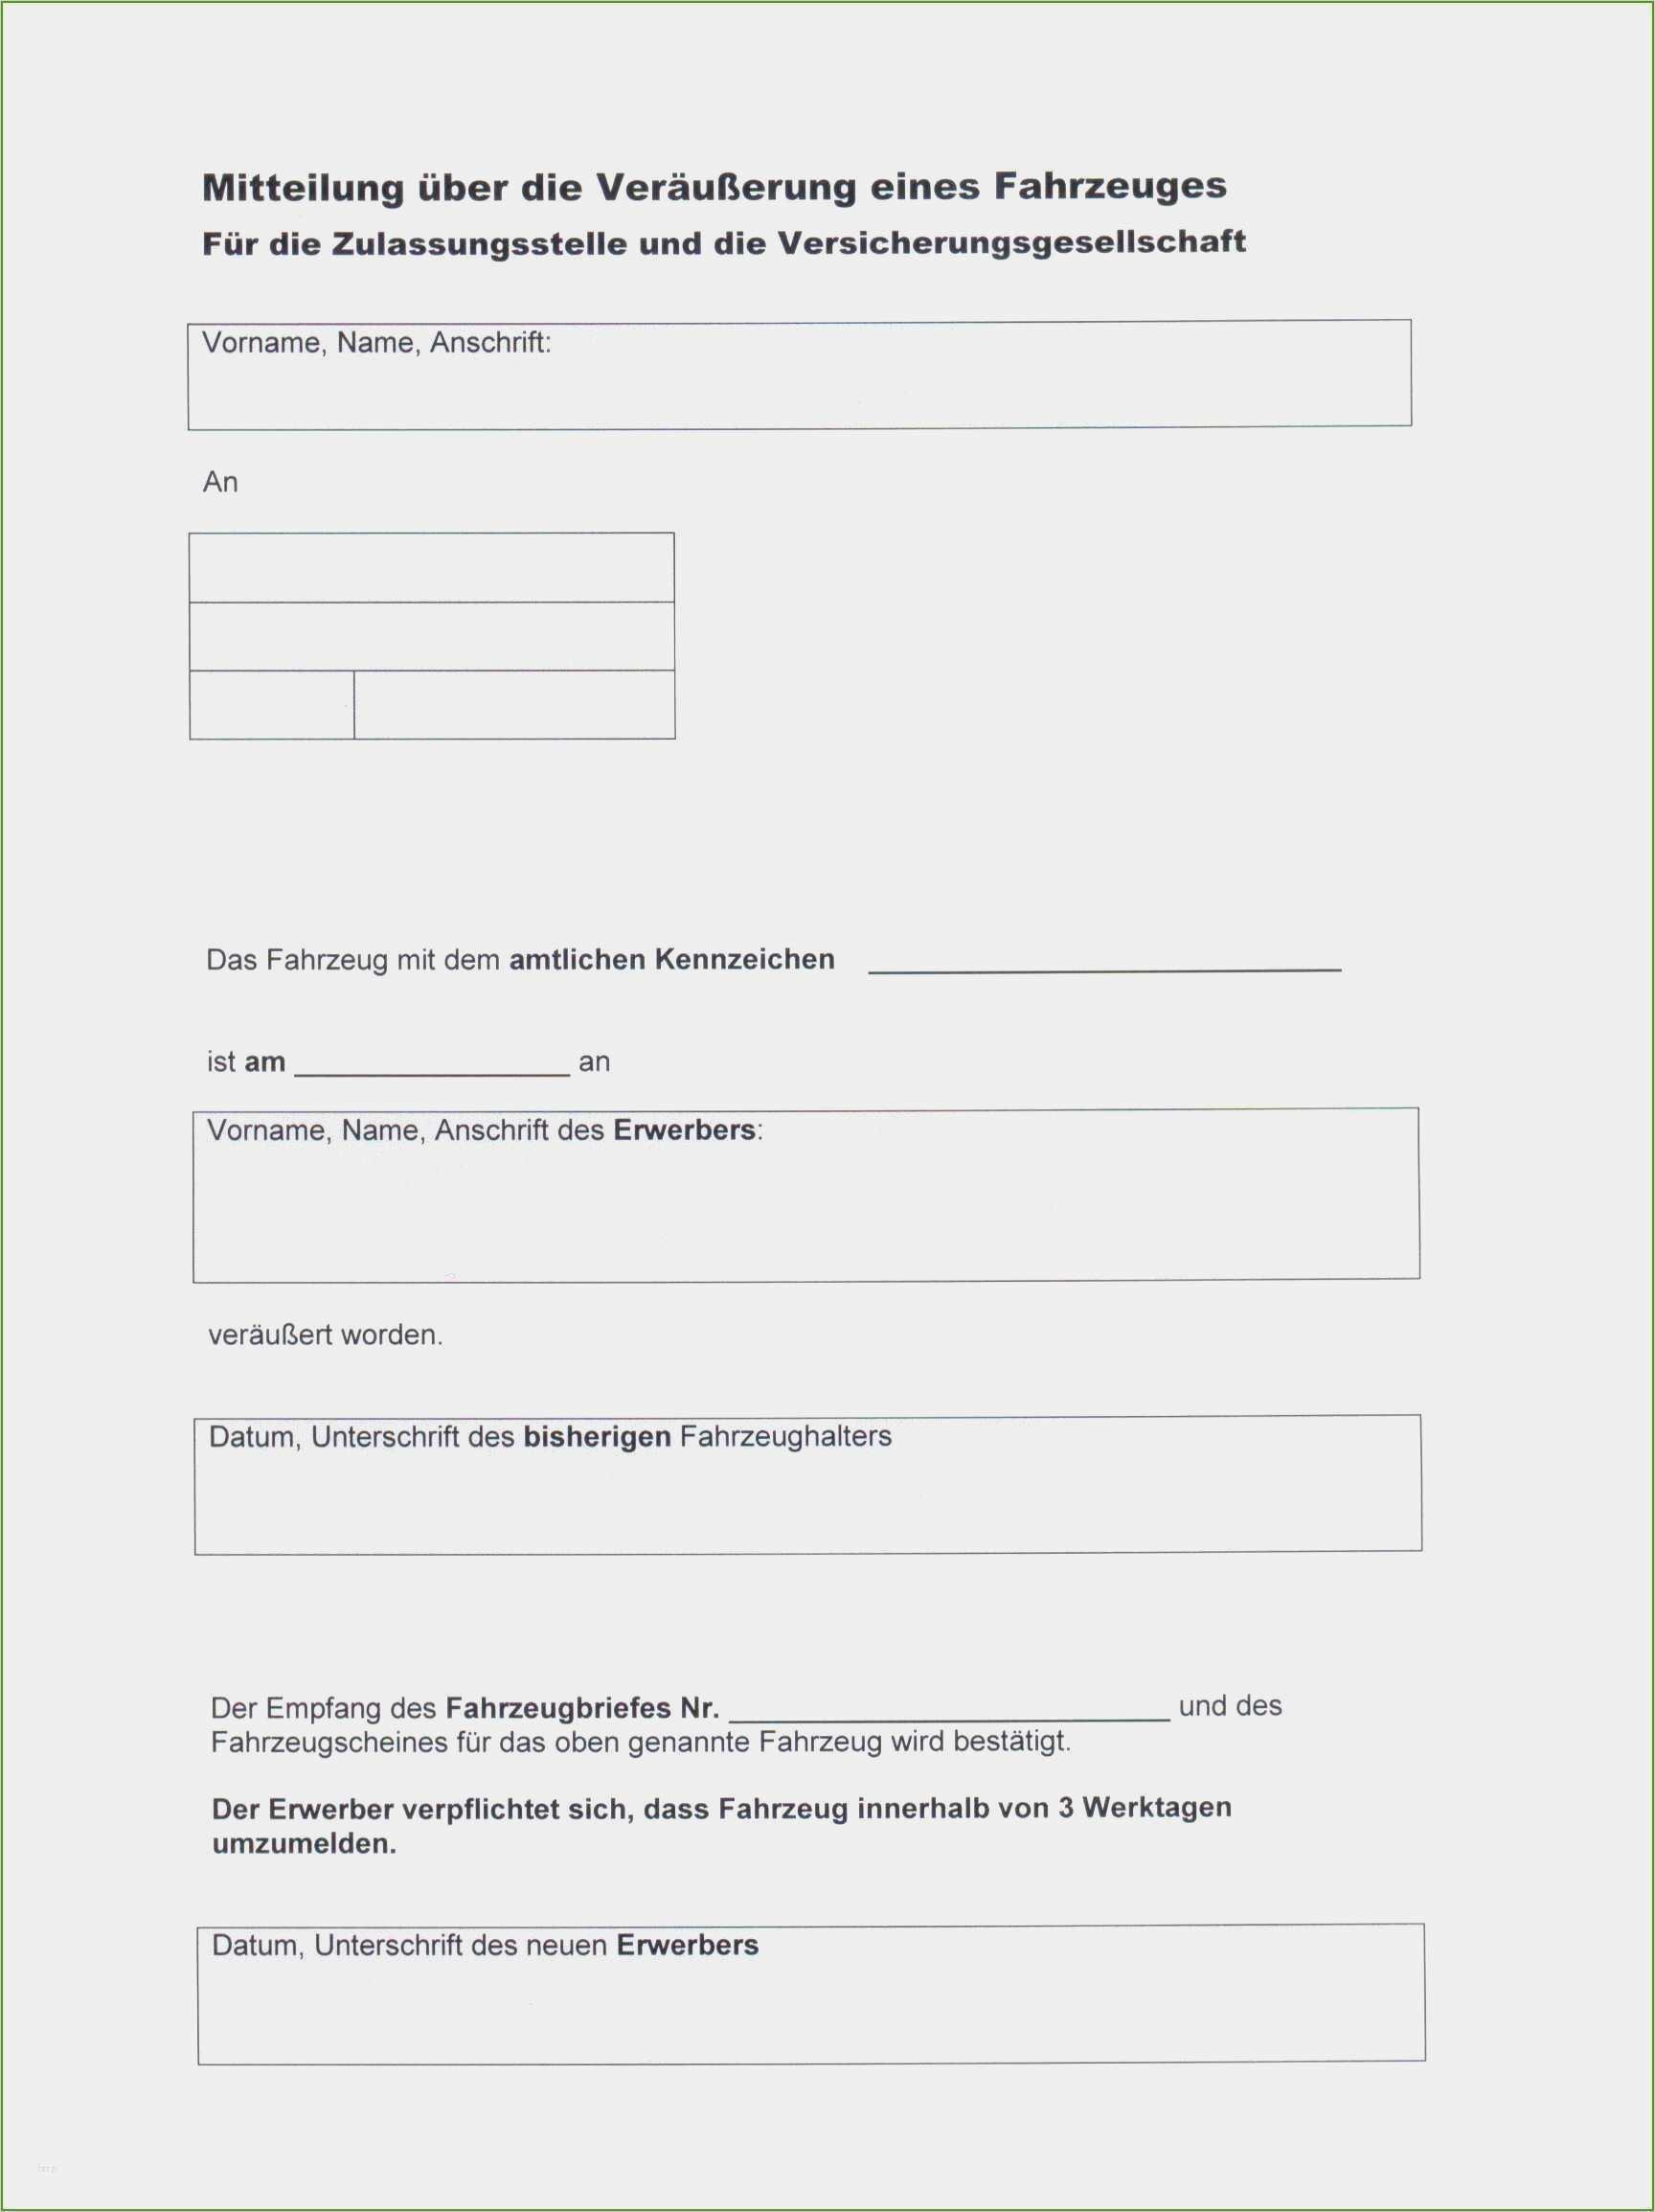 37 Suss Vollmacht Kfz Nutzung Vorlage Adac Foto Document Templates Templates Chart